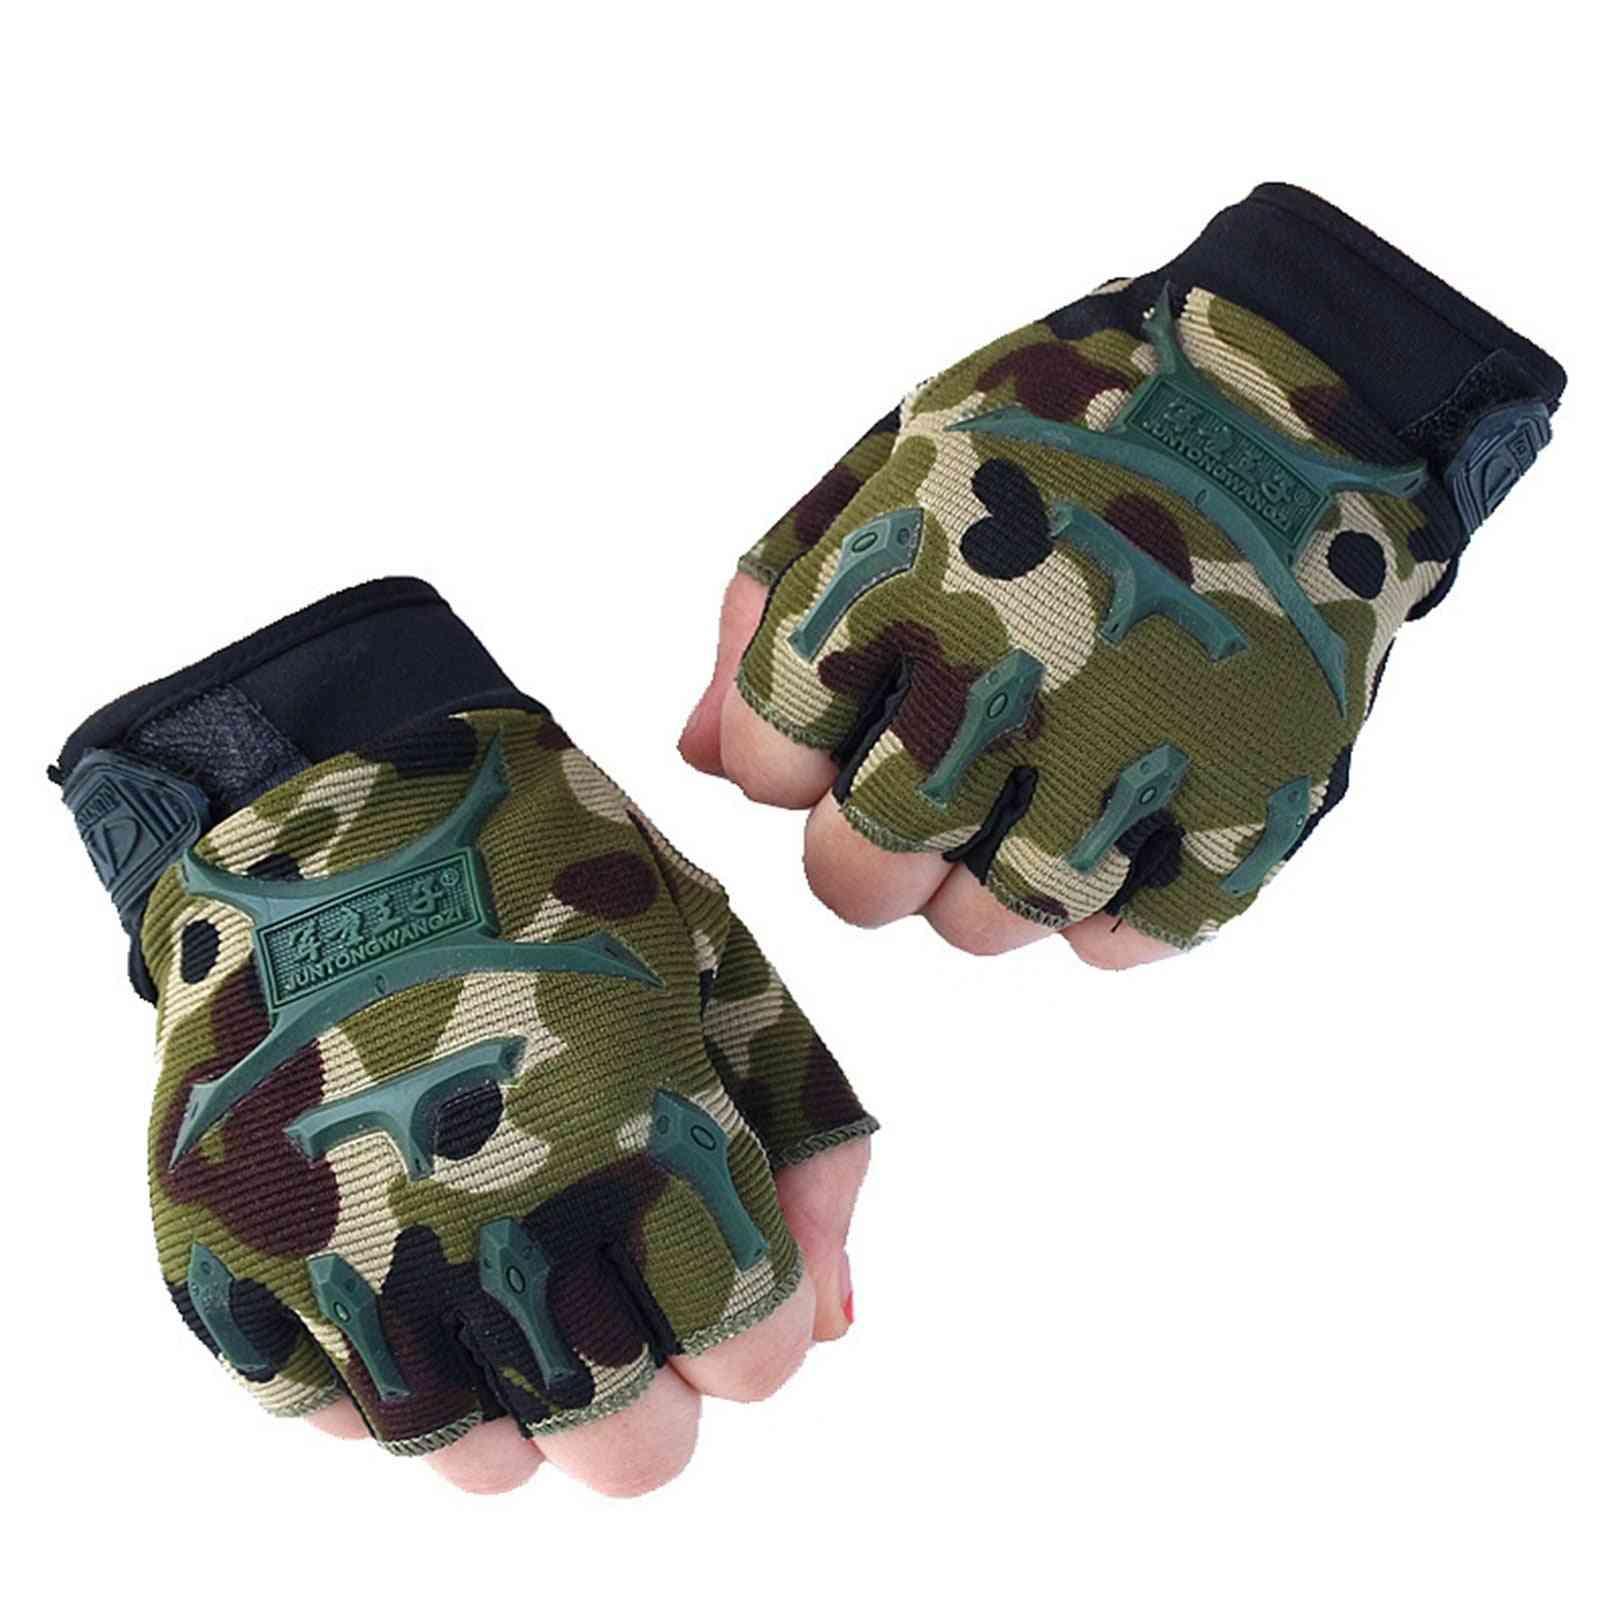 Half-finger Camouflage Gloves For